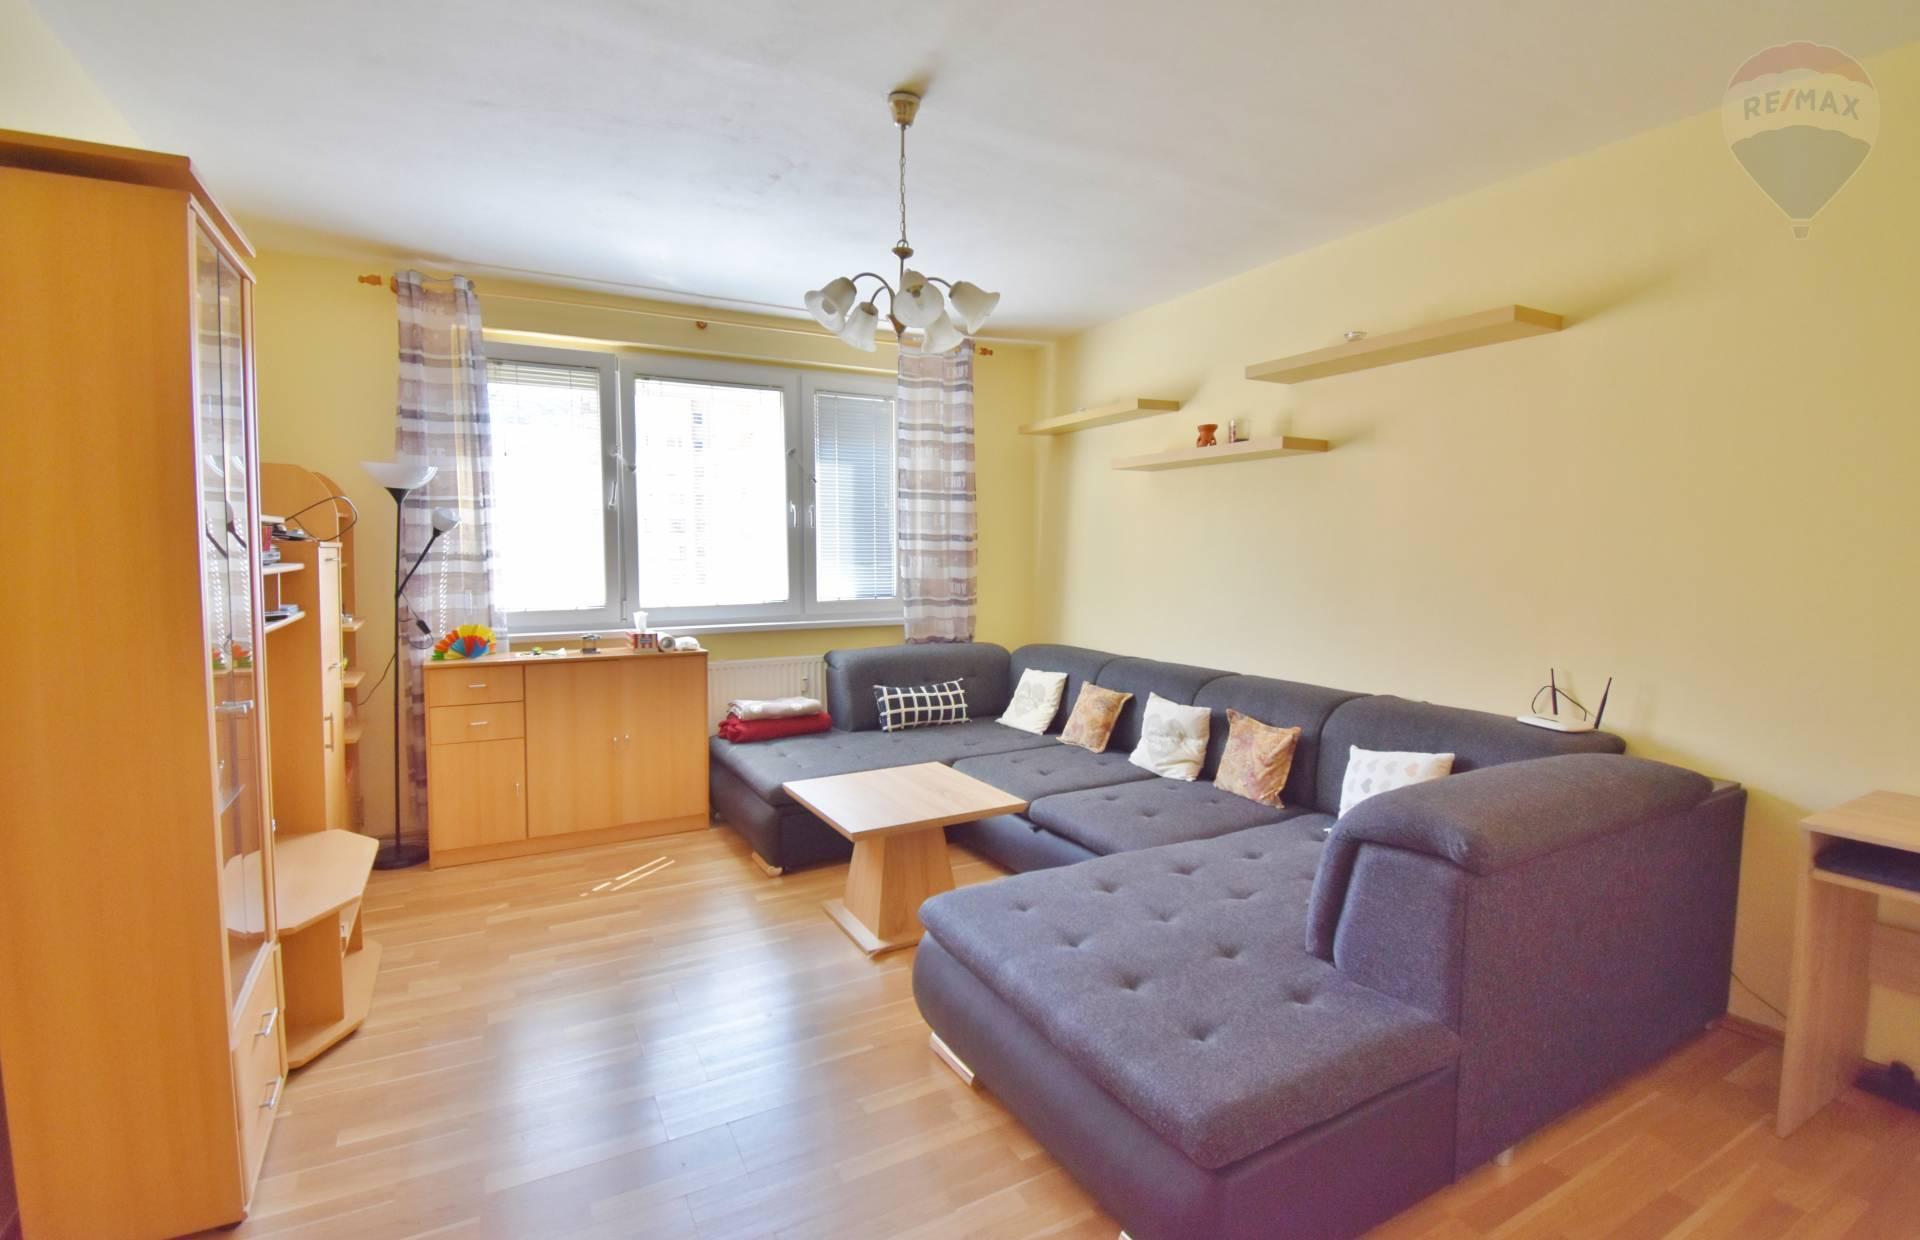 Predaj 3 izbový byt, 71,8 m2, Eisnerova ulica, Bratislava - Devínska Nová Ves, Loggia